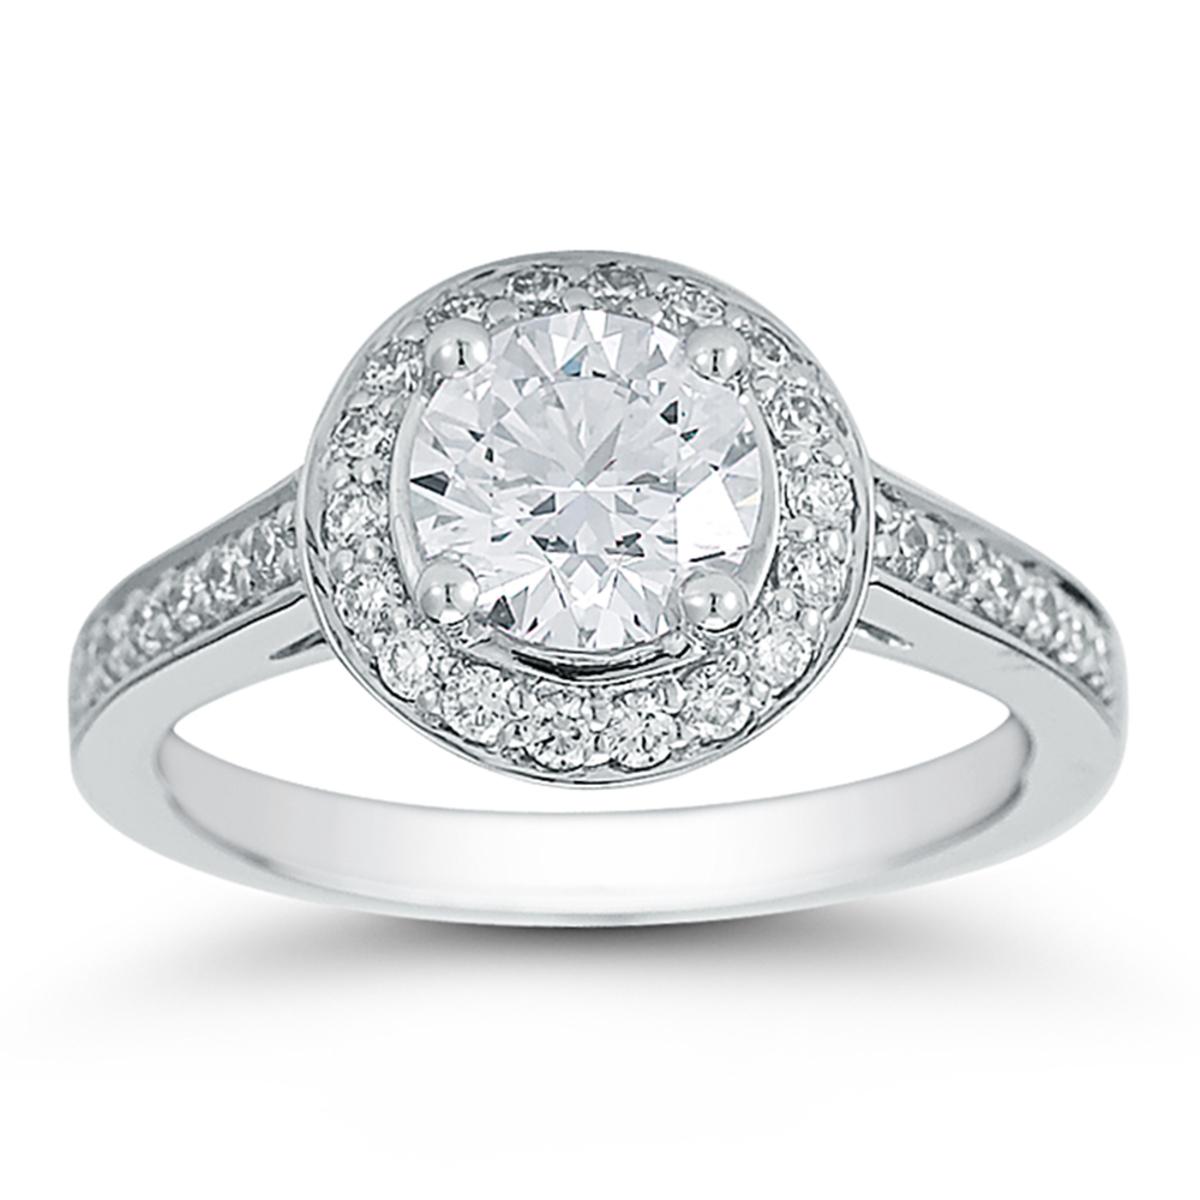 1.49克拉明亮圓形鑽石鉑金戒指 VVS1, E